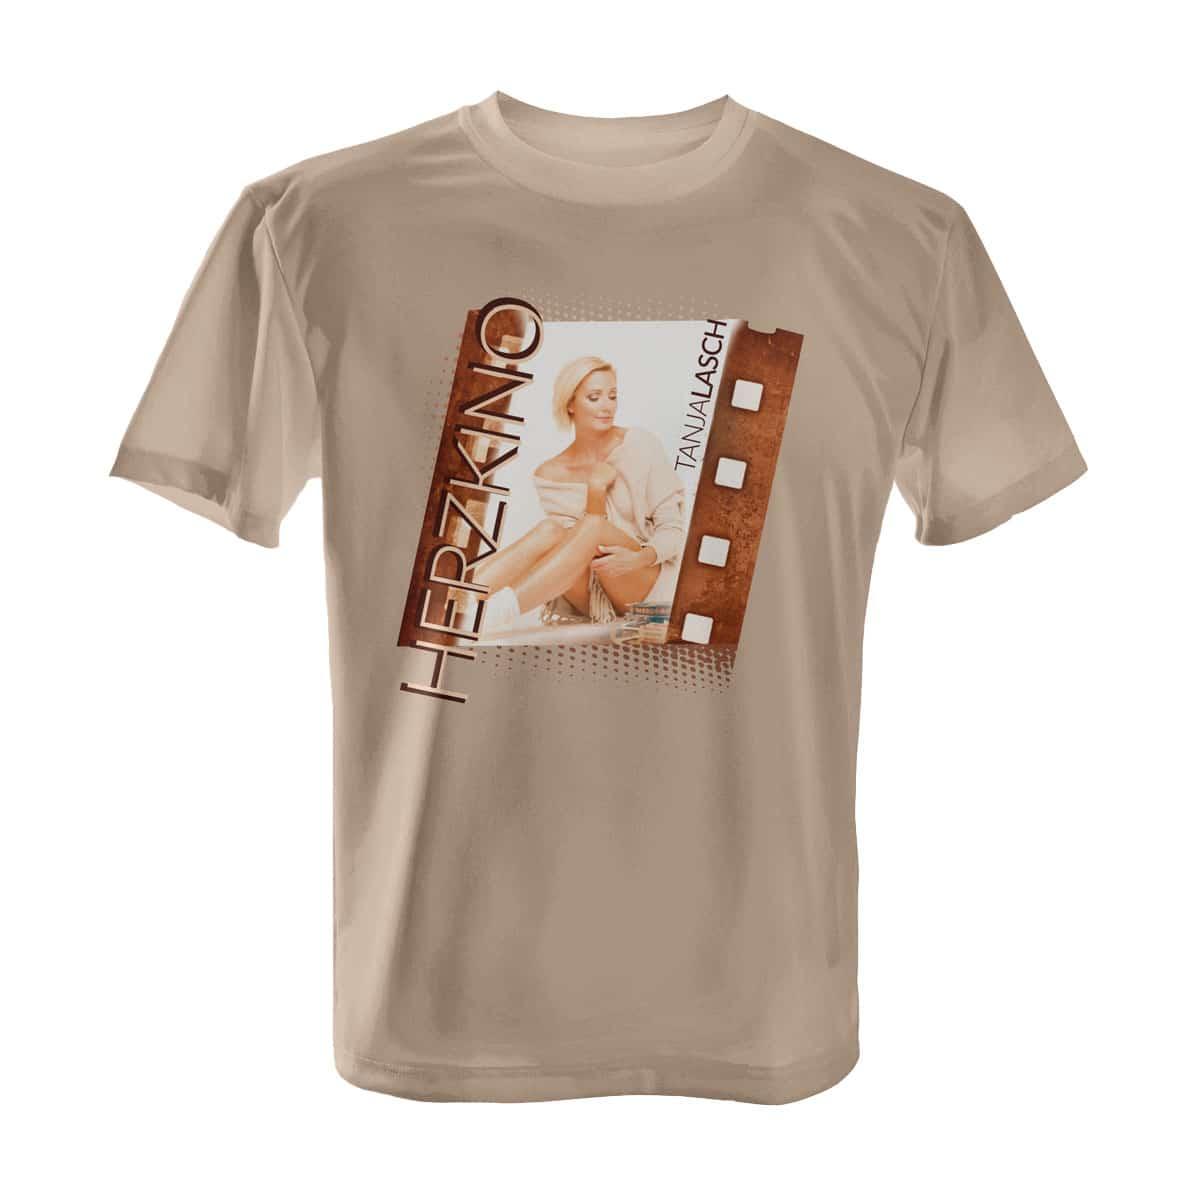 Tanja Lasch Herzkino T-Shirt beige